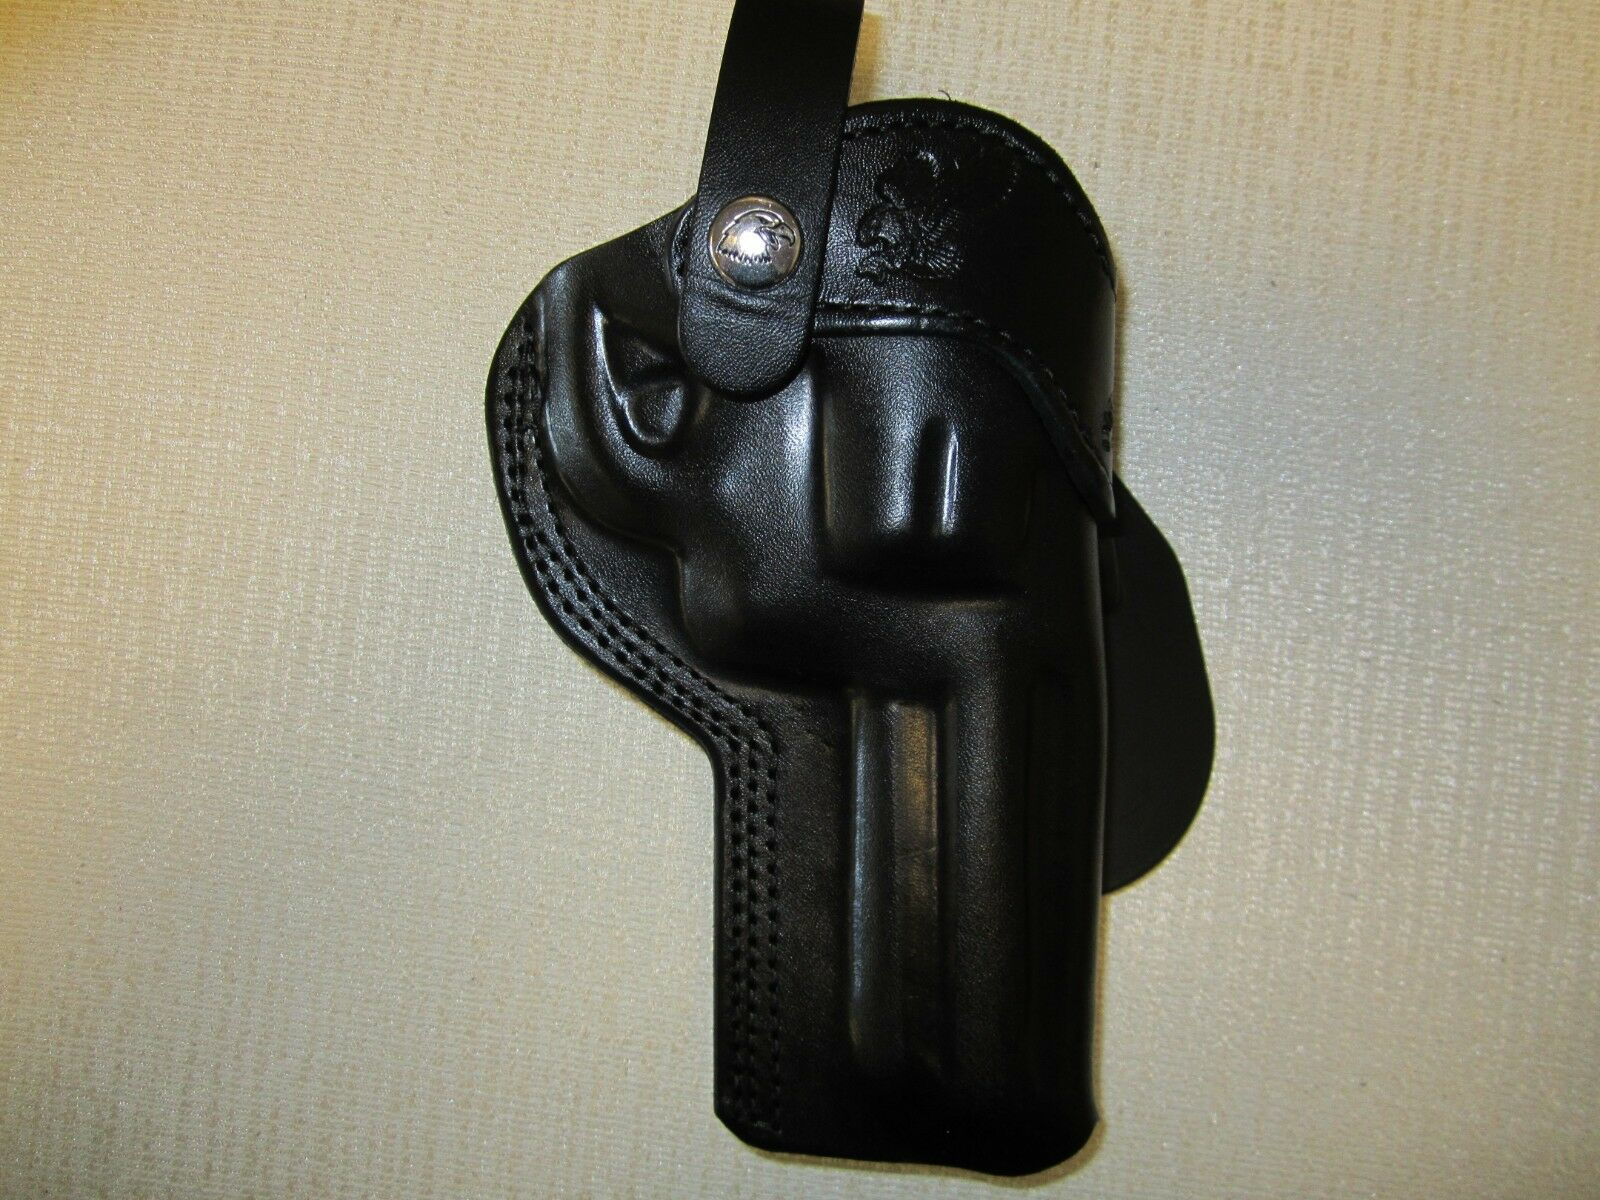 Fundas De Cuero Negro Funda De Paleta Braids seleccionar pistola y mano derecha o izquierda